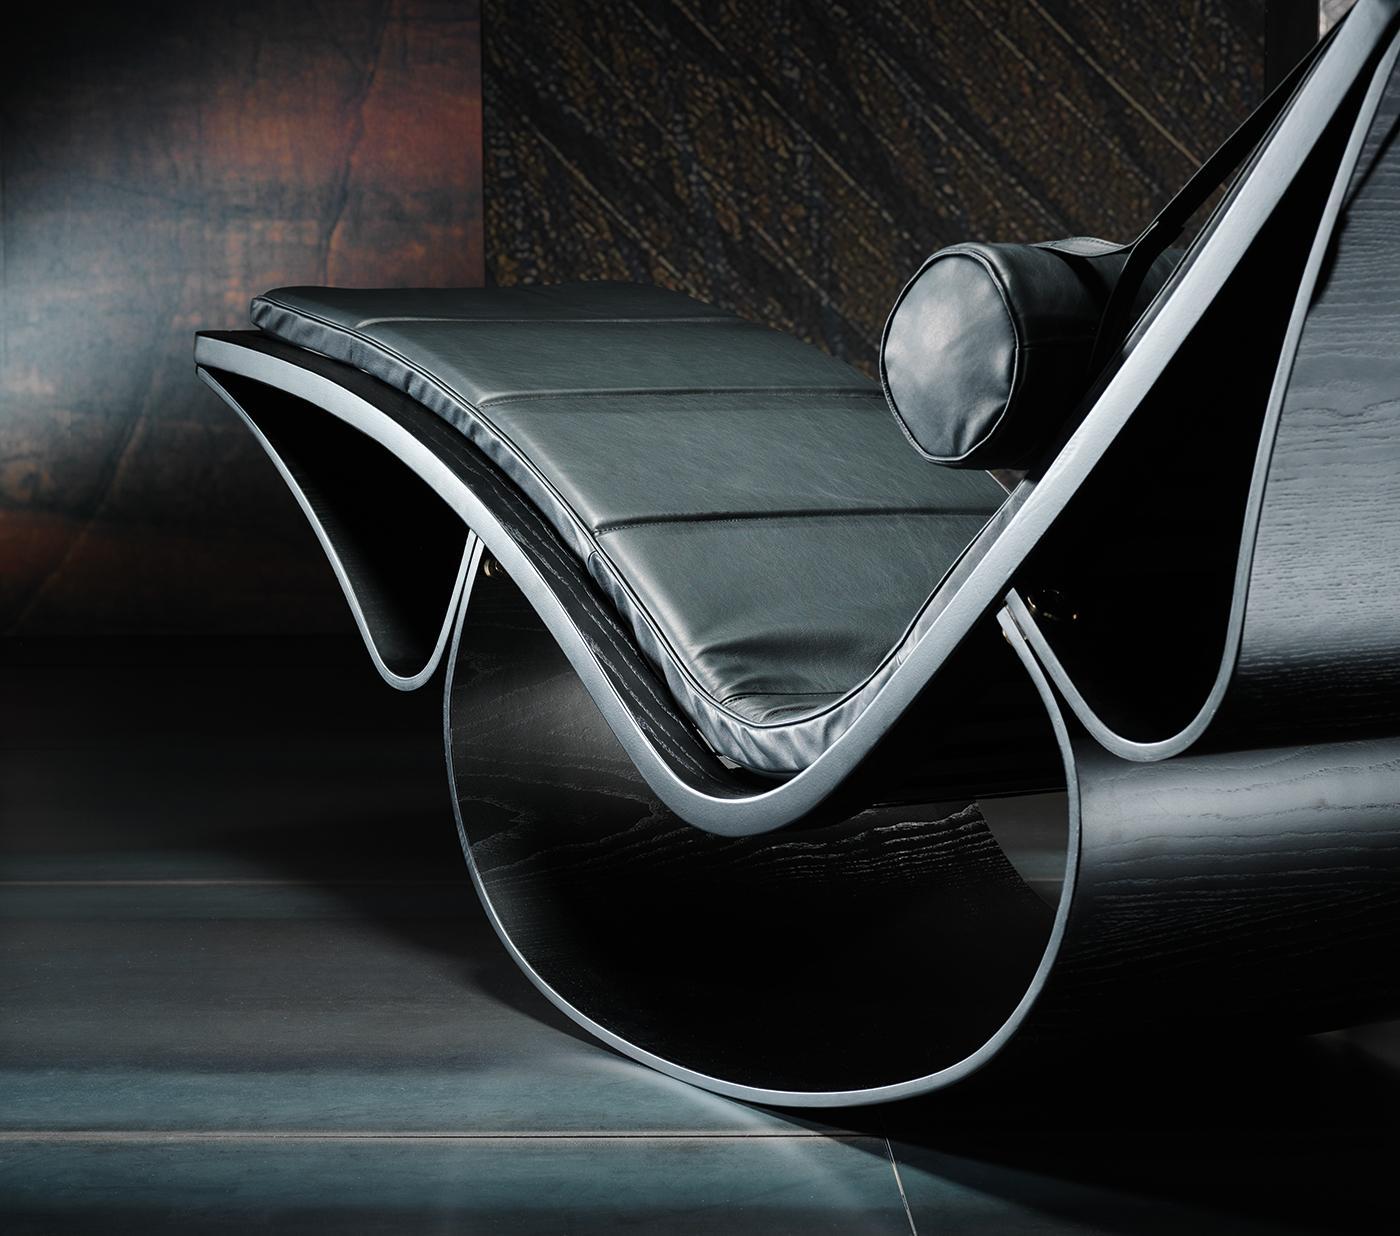 chaise longue ameublement design haut de gamme luxe maison magasin moderne salon d'intérieur en ligne meubles contemporains internet vente site italiens